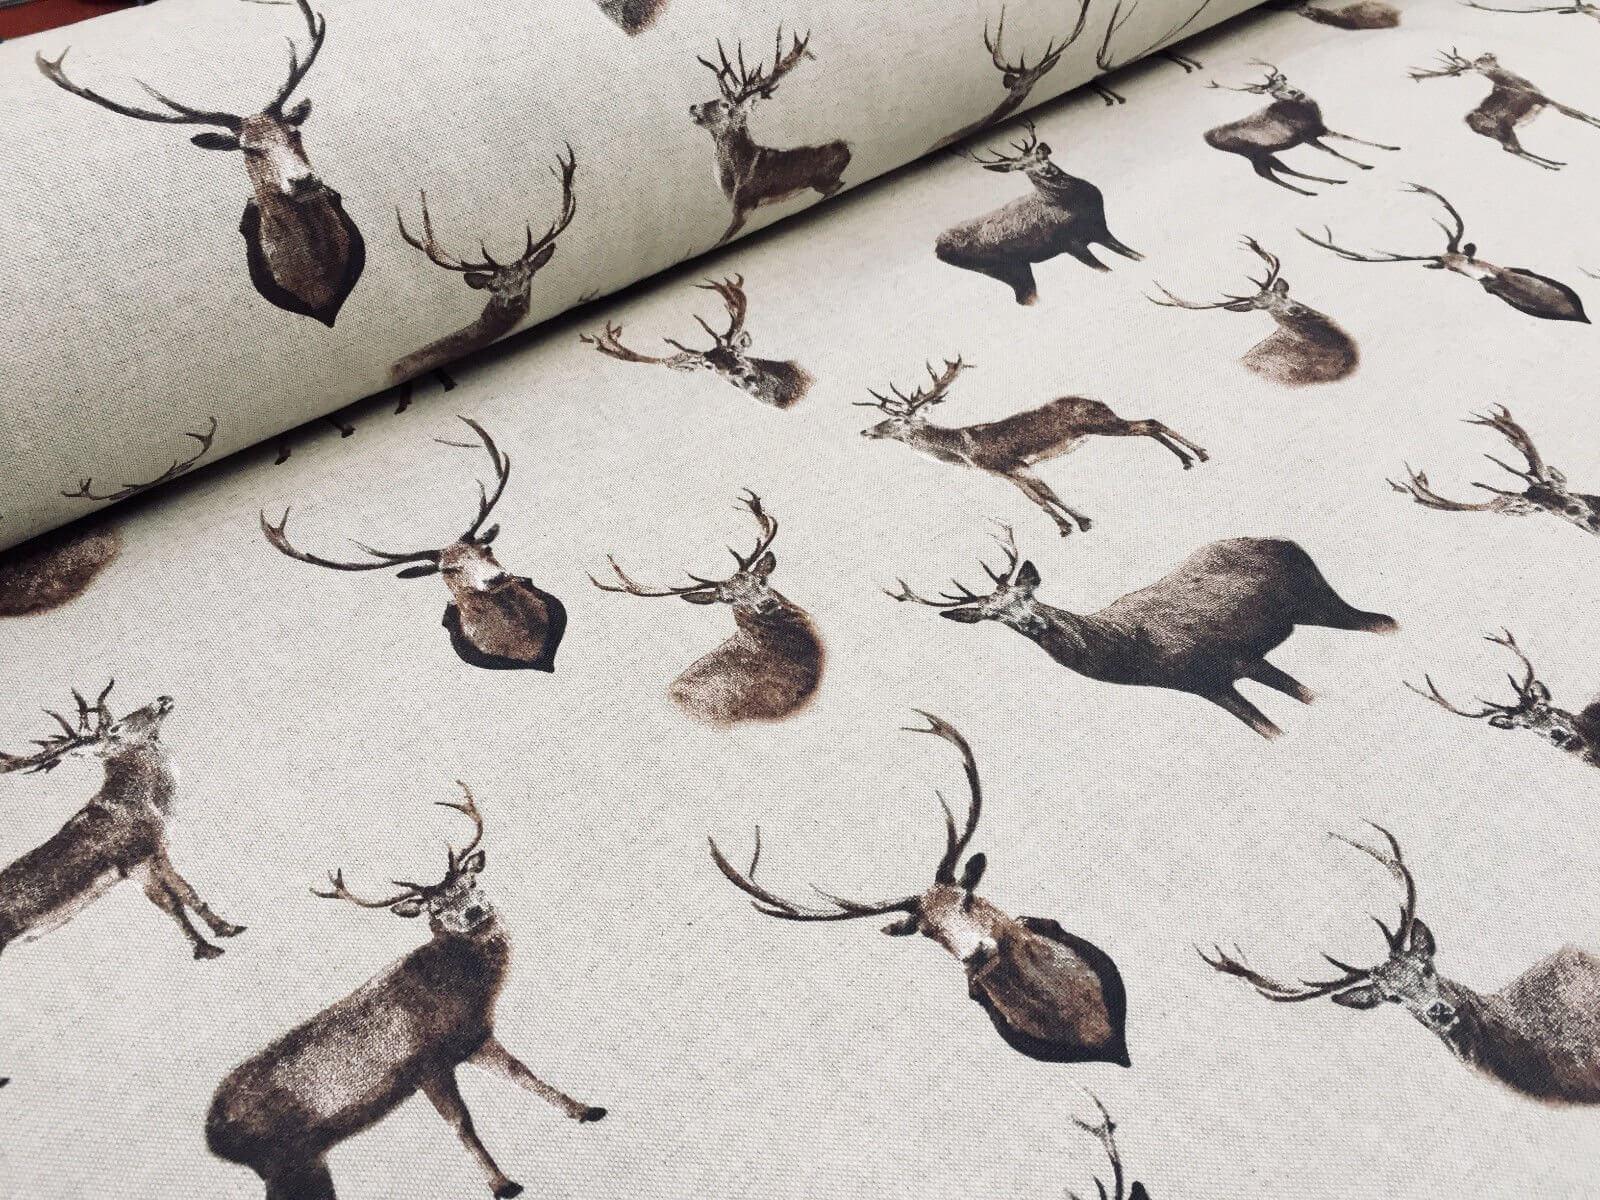 stag-head-deer-fabric-curtain-cotton-material-christmas-moose-elk-55-140cm-wide-5b9994021.jpg